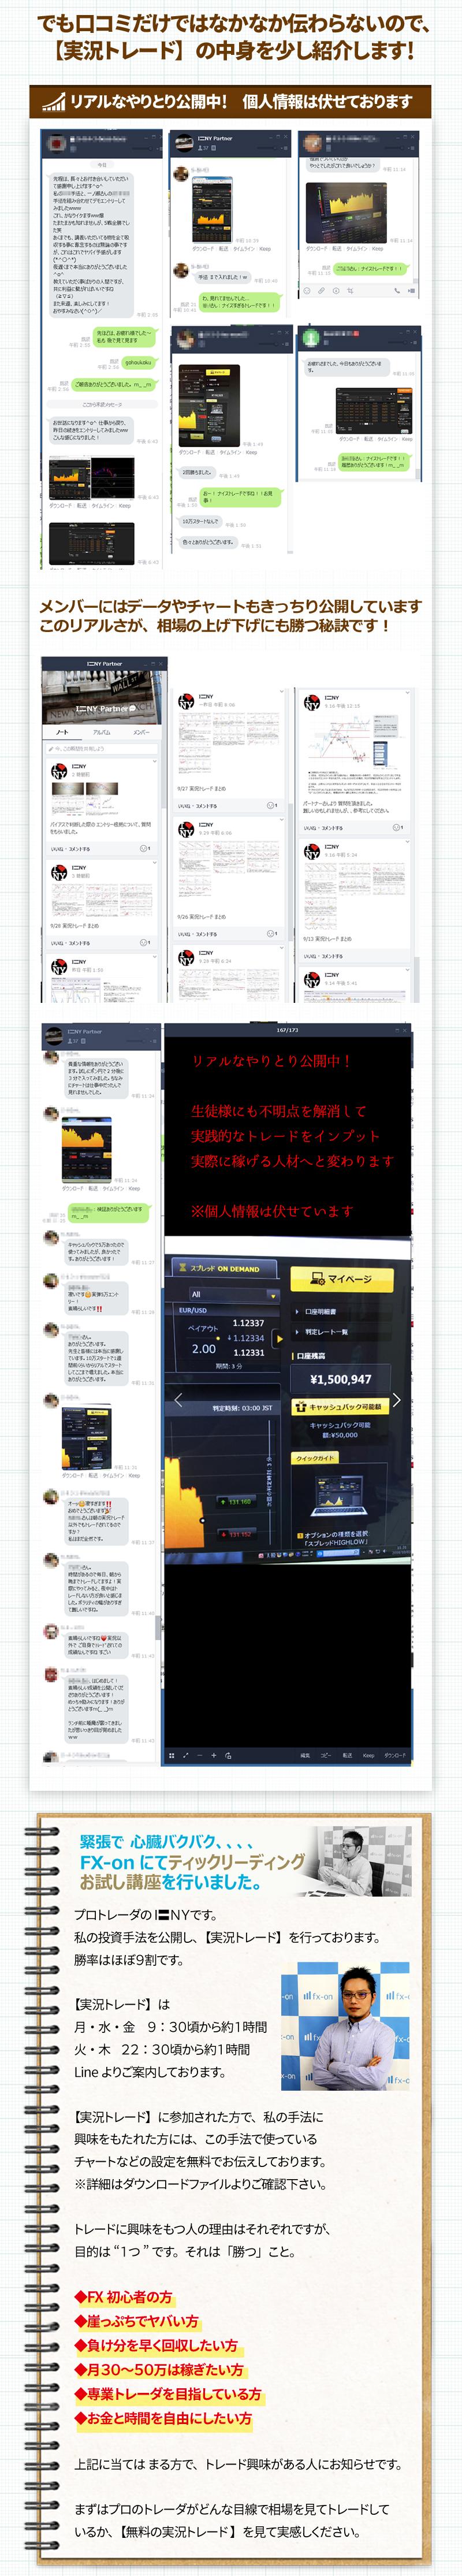 FXページ制作2_06.jpg